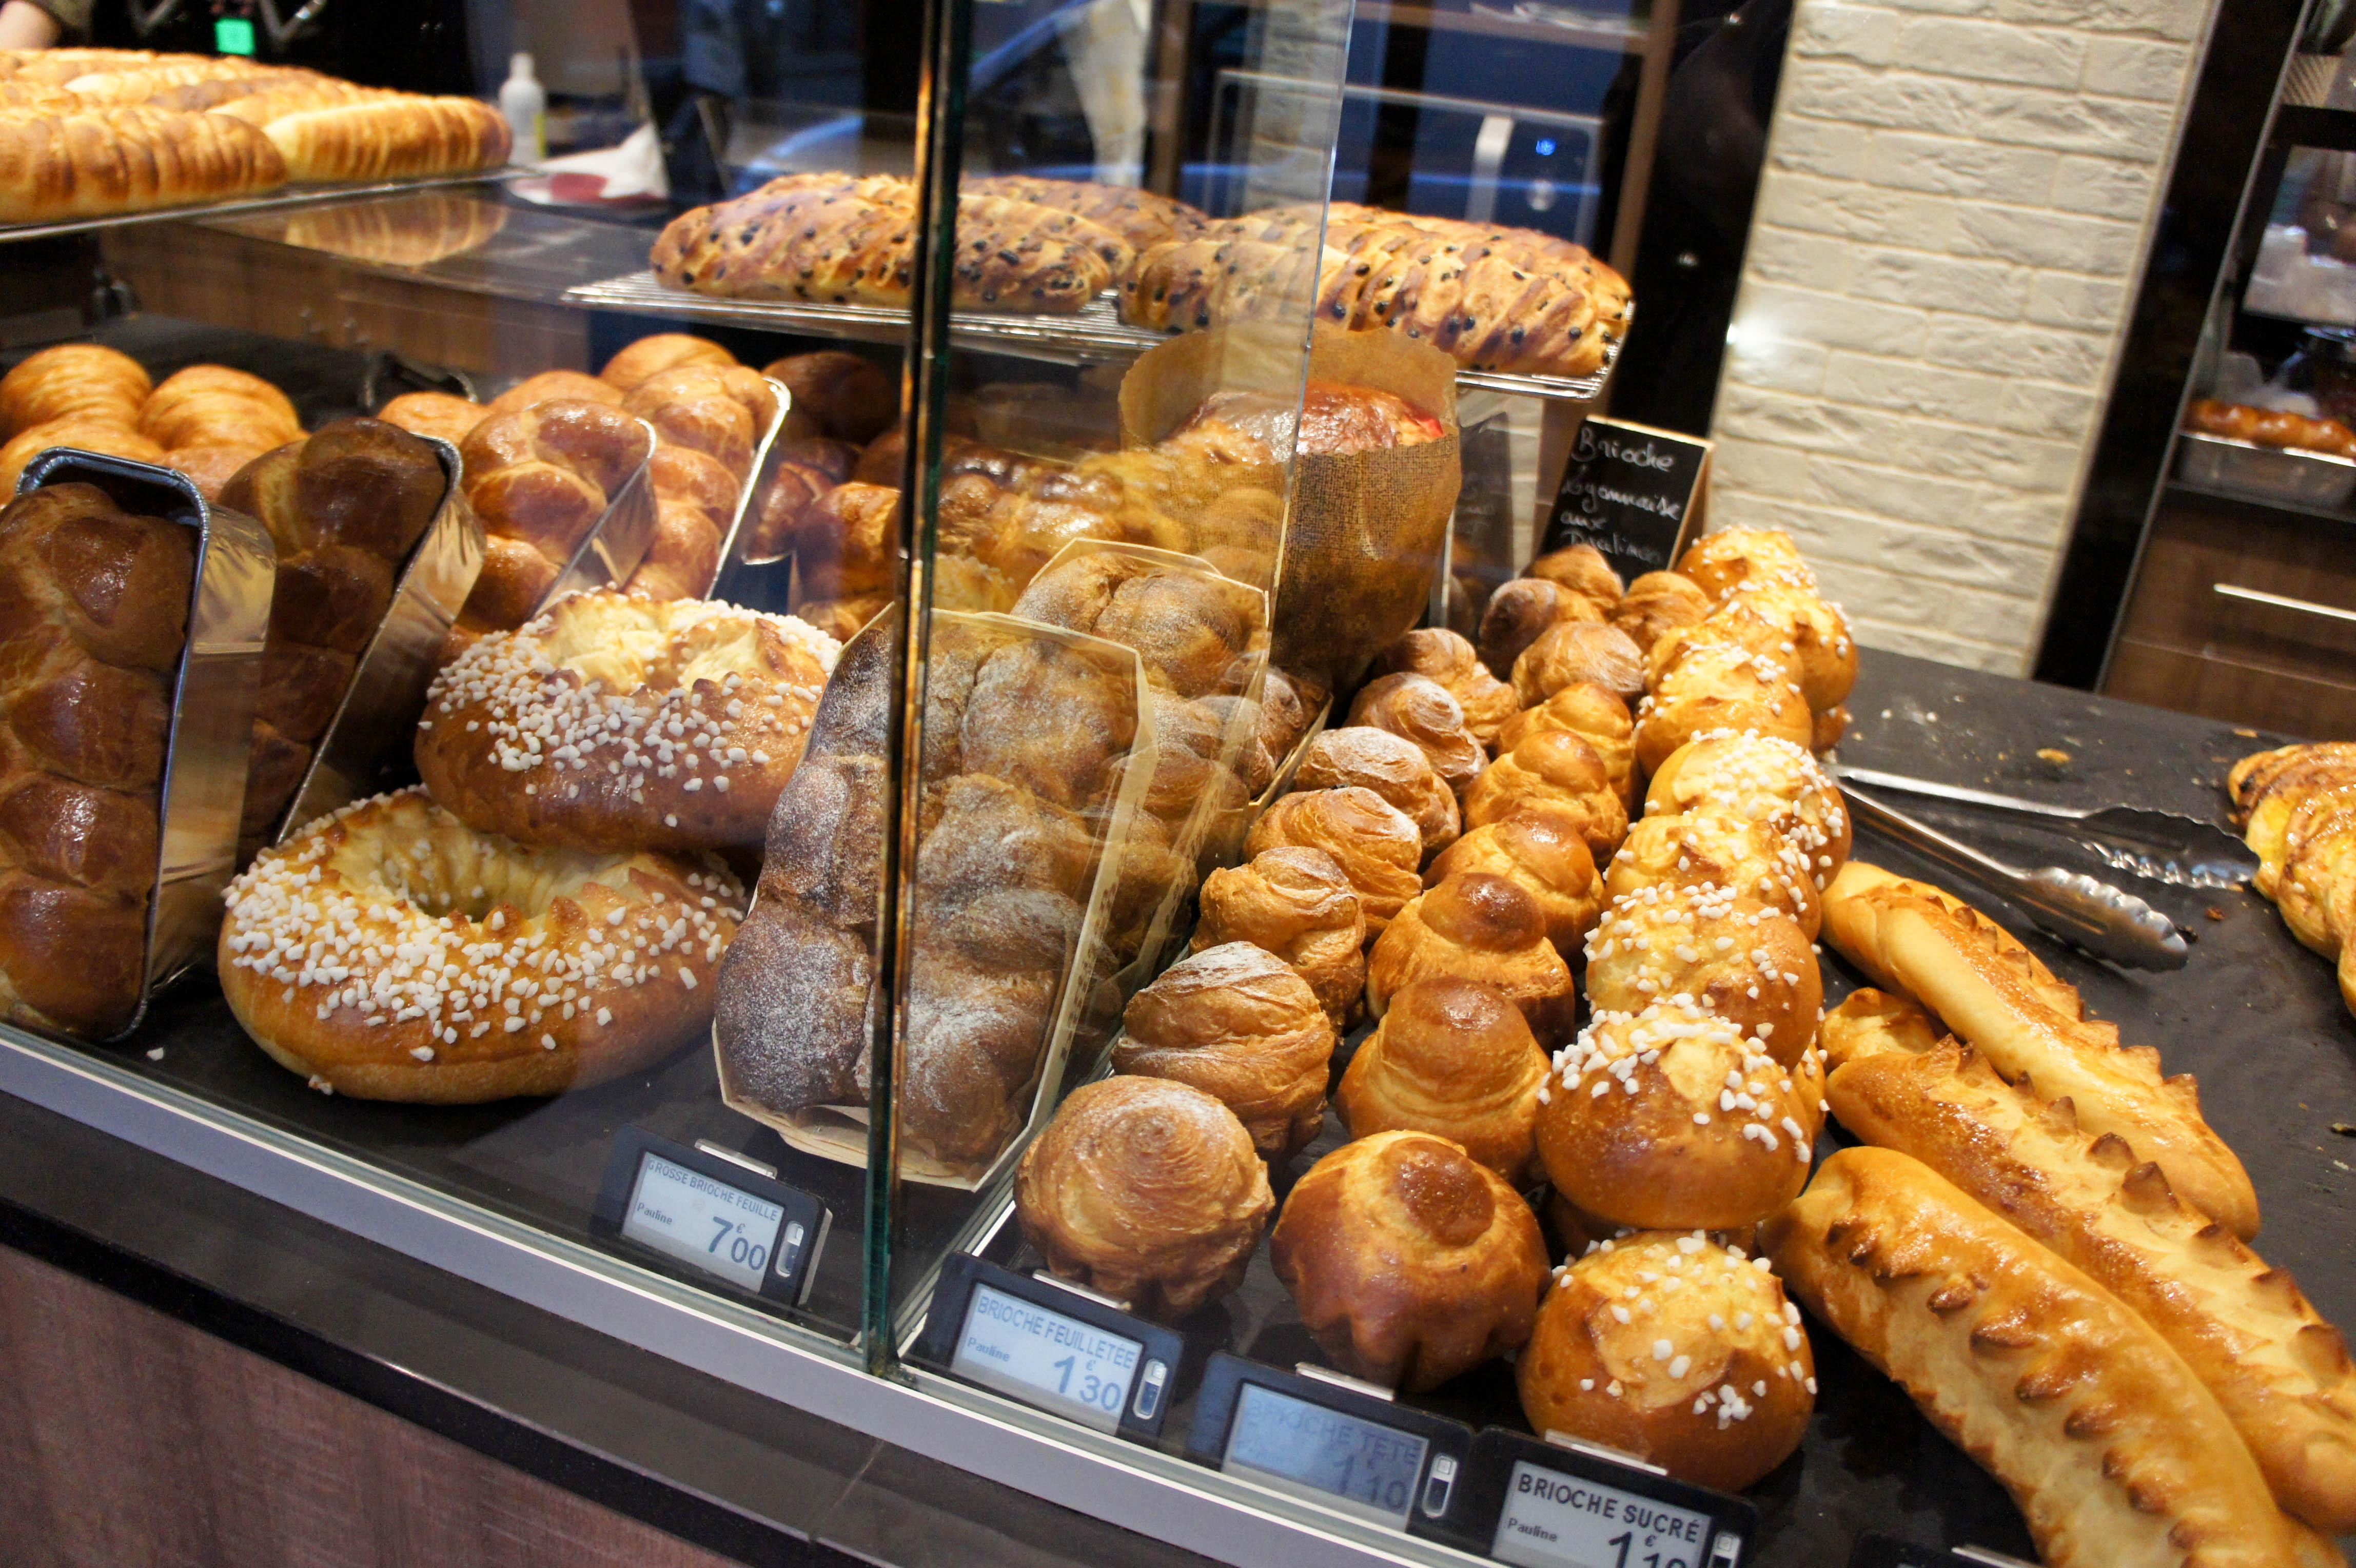 Prix brioche boulangerie les ustensiles de cuisine for Les ustensiles de cuisine